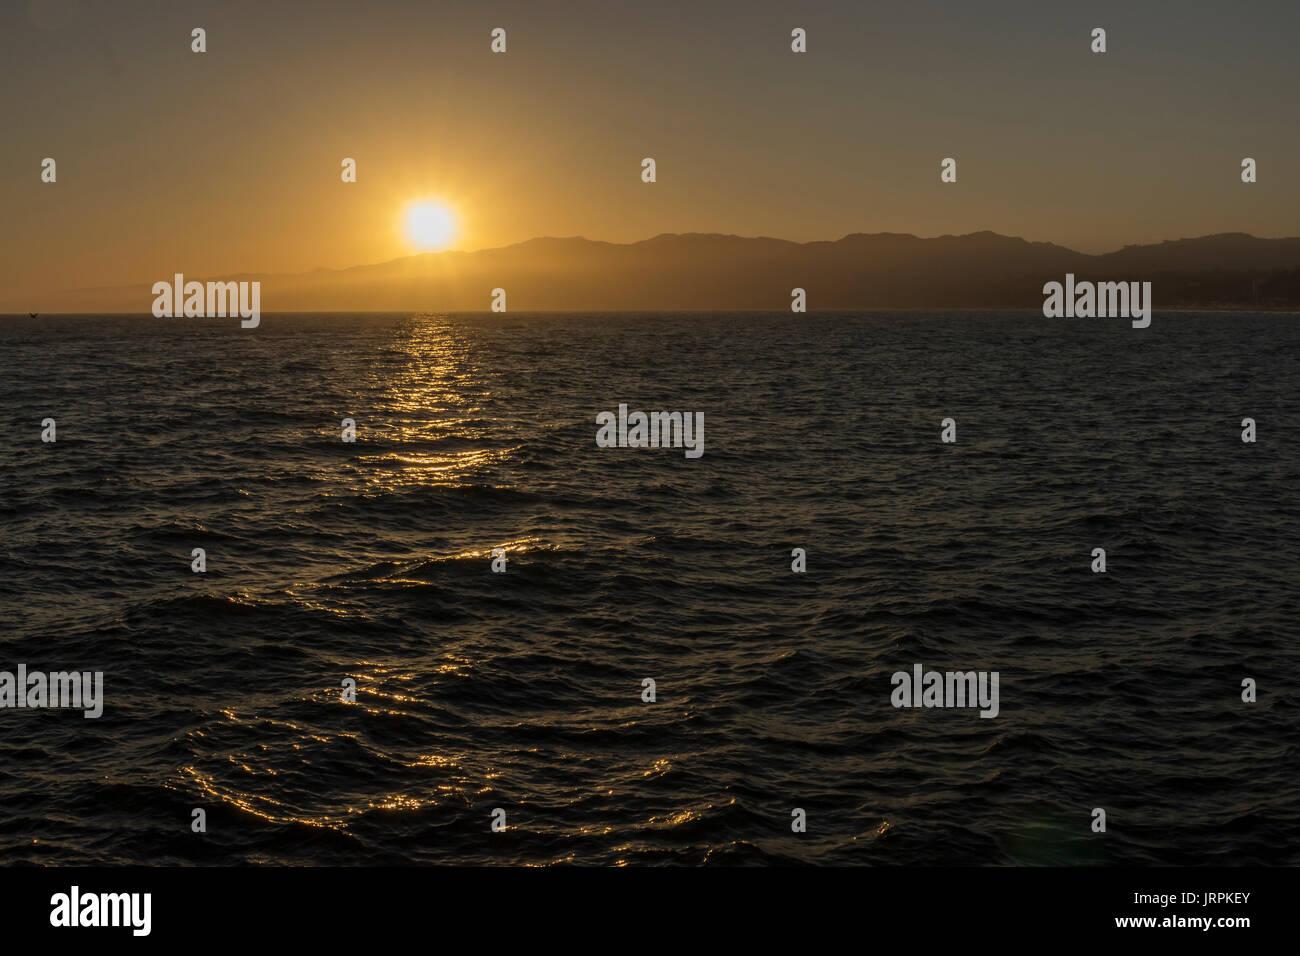 Anochecer en el oceano pacifico, en las pliayas de Santa Monica, el reflejo del sol en el agua, deja onu camino de luz, atras se ven pequeñas montañas Immagini Stock